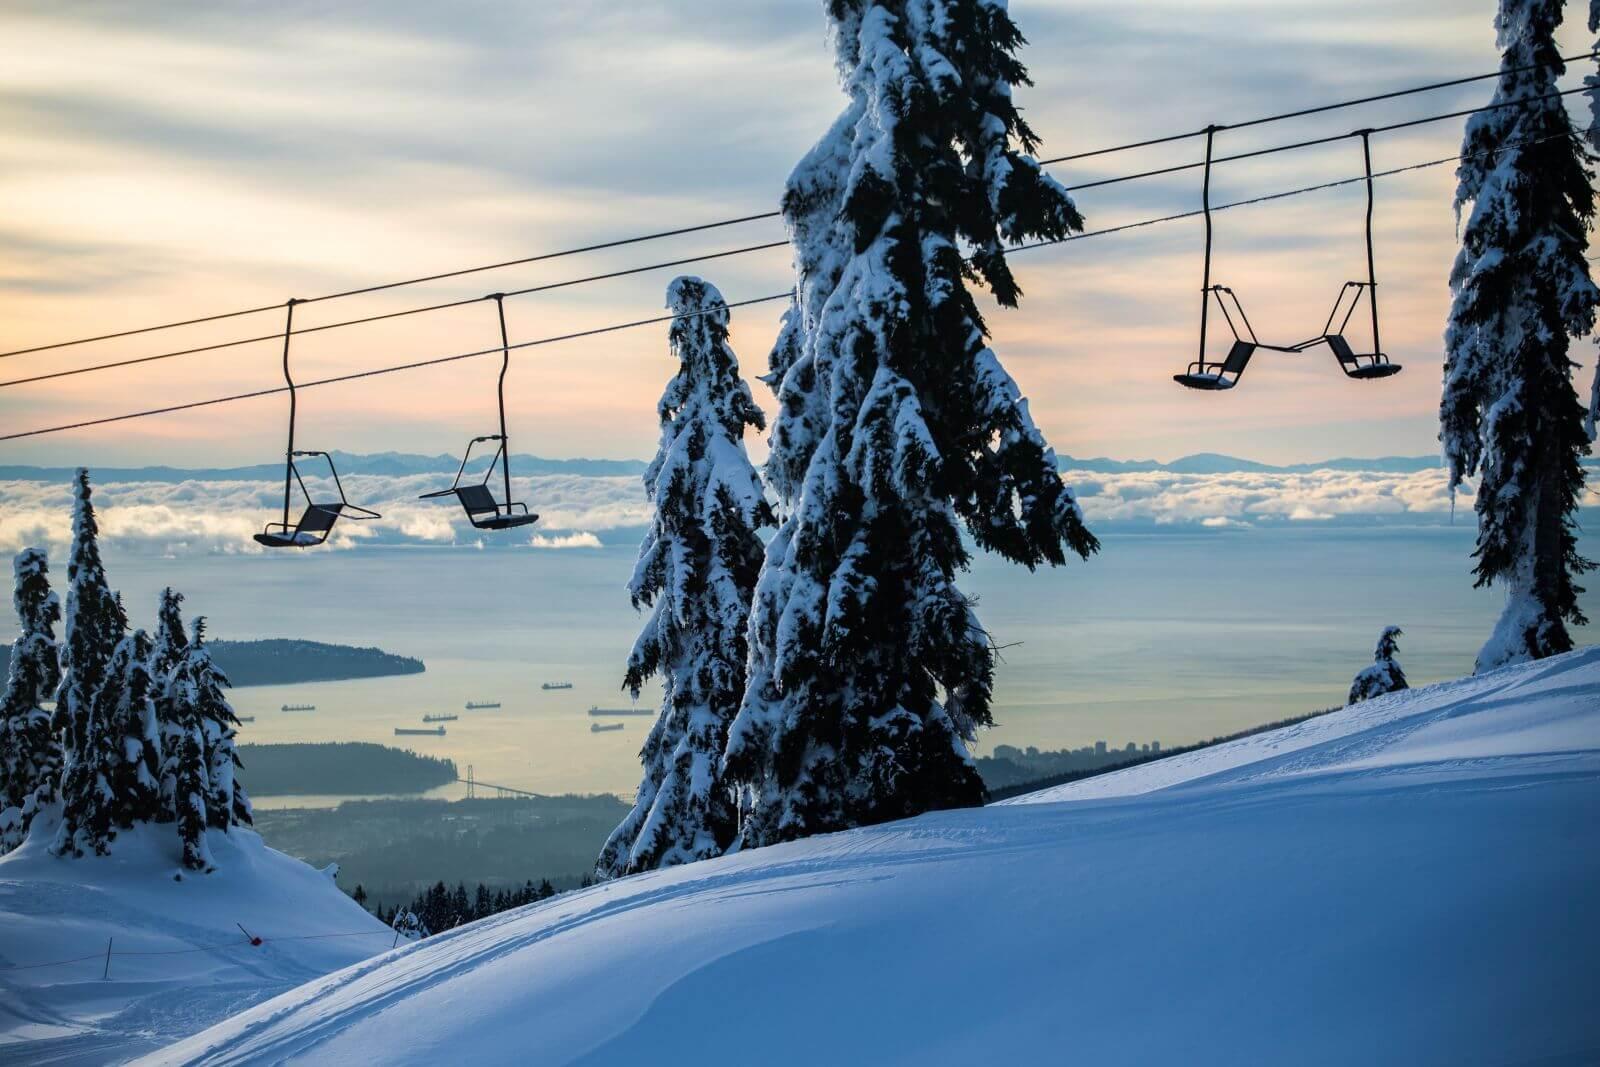 加拿大雪場.冰場 - 溫哥華市區-西摩山(Mt. Seymour)雪場: